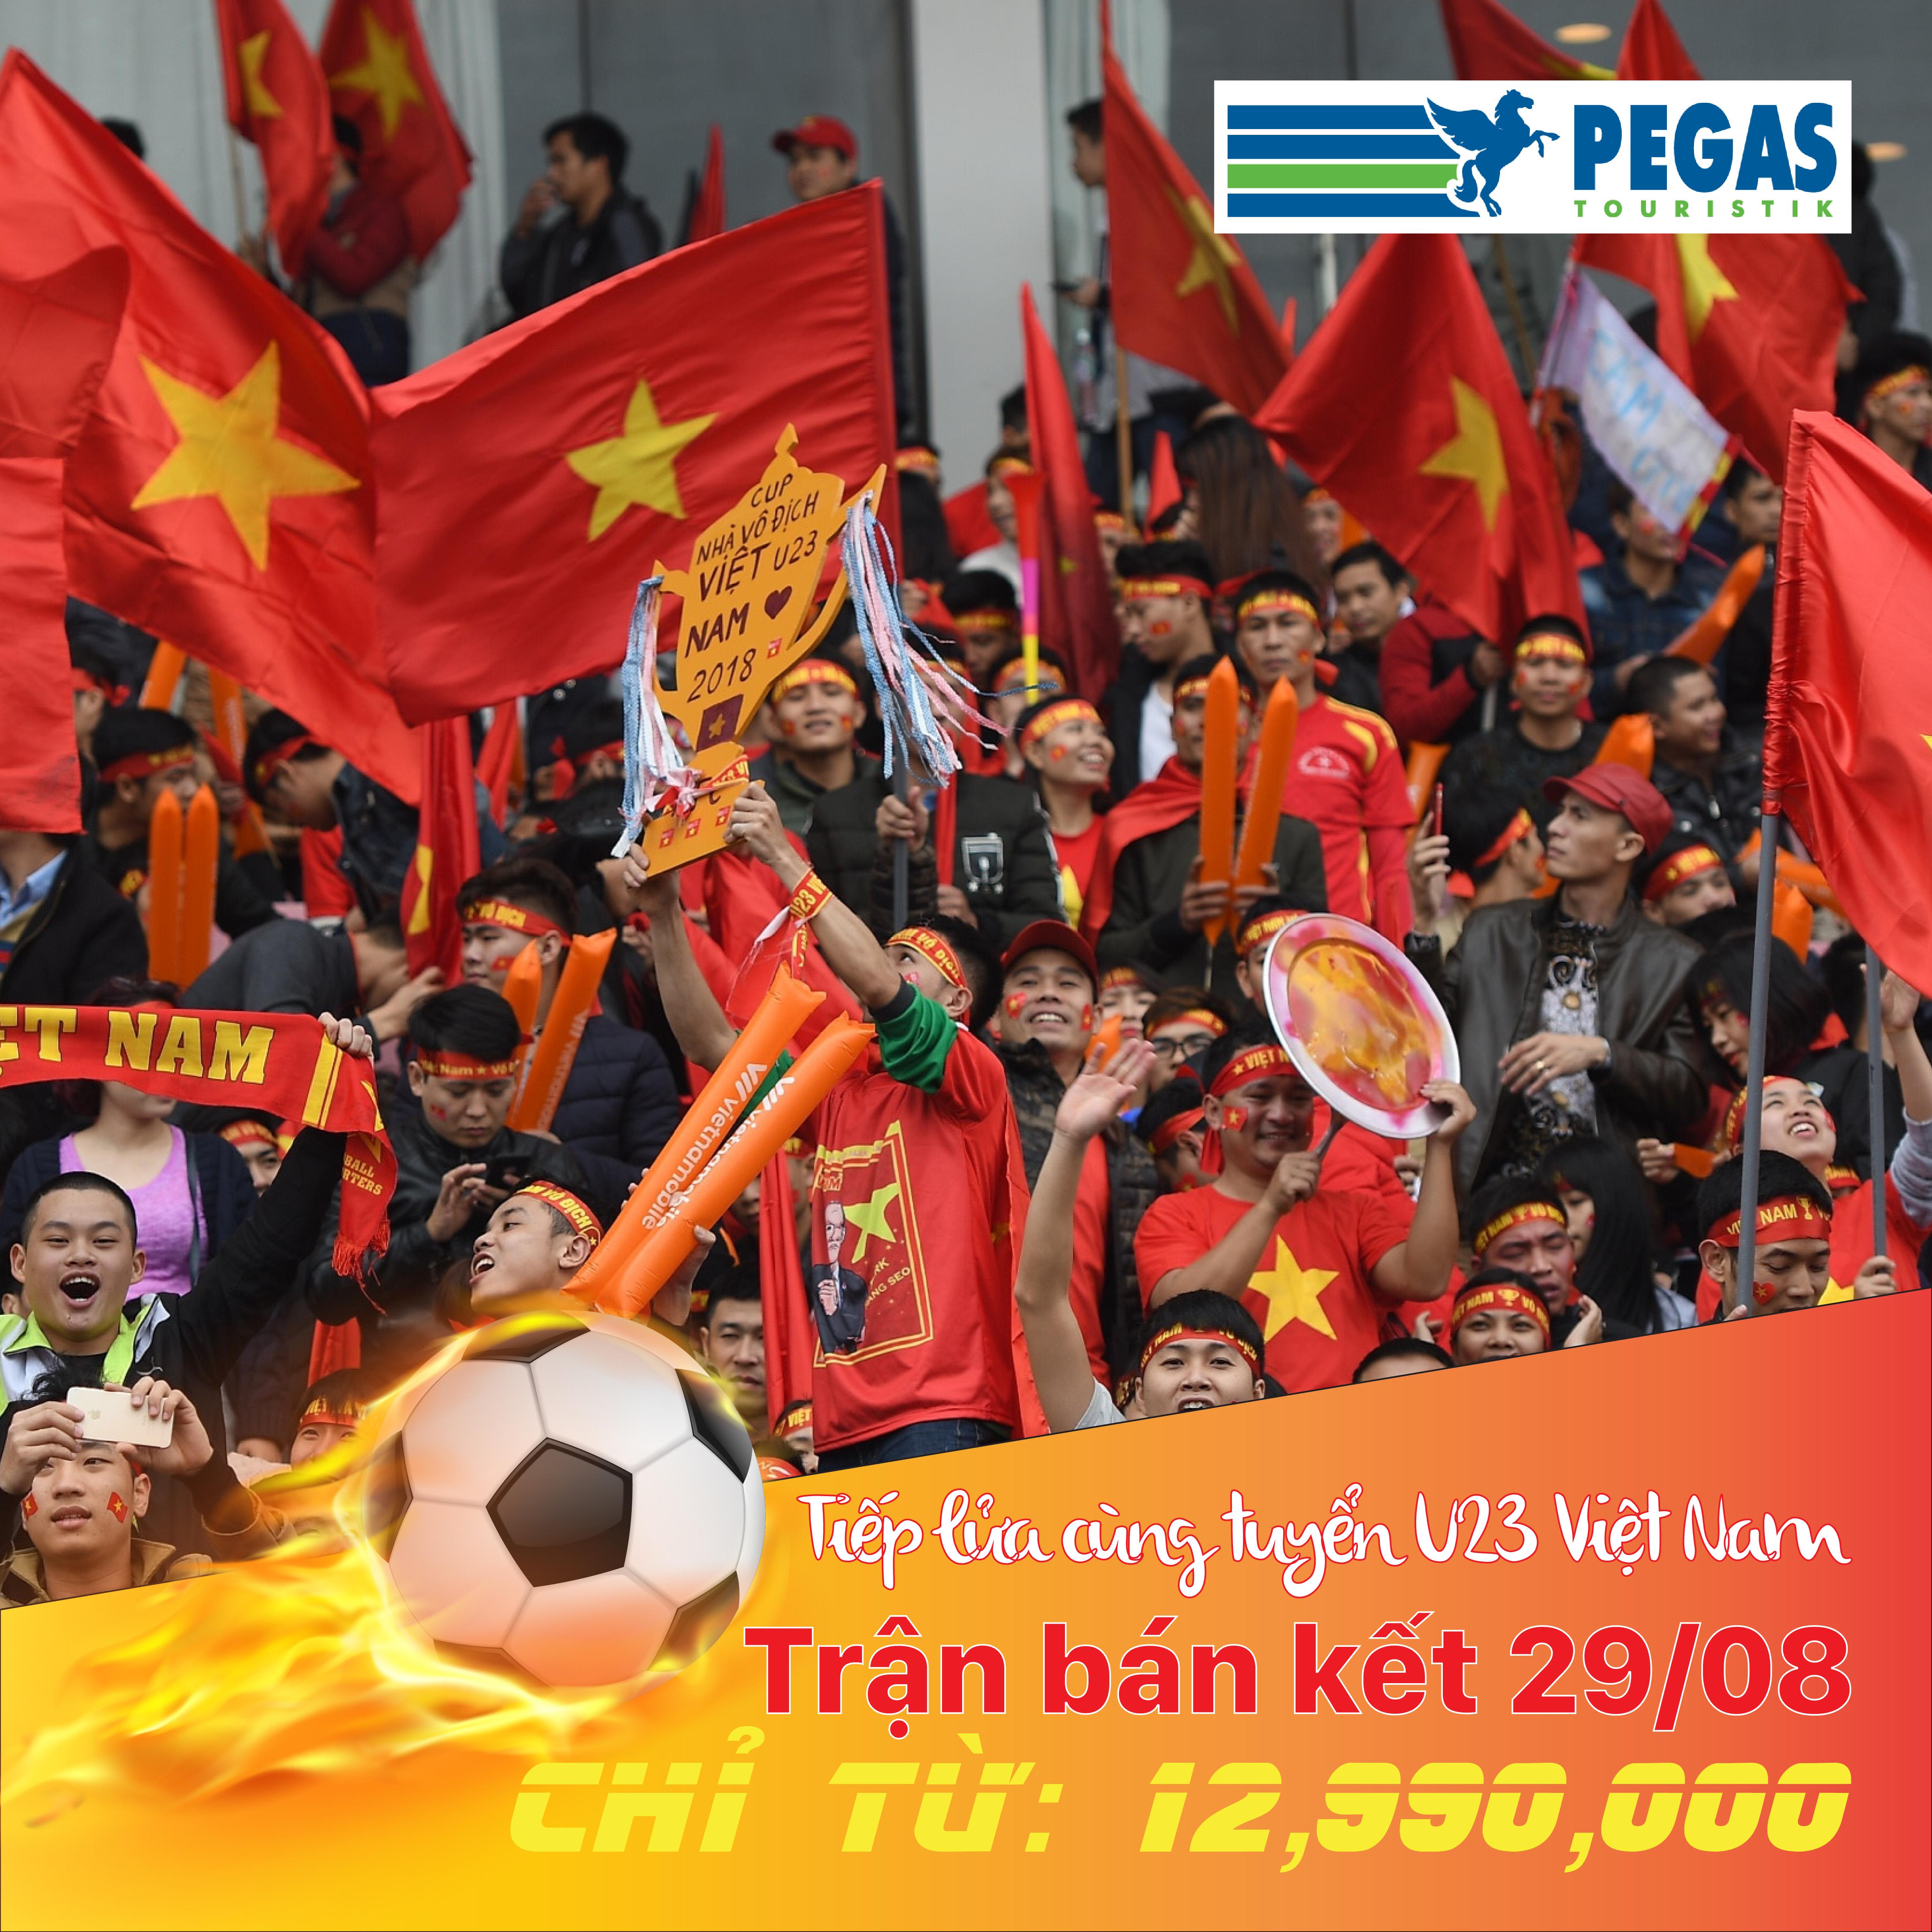 Vé Cổ Vũ Bán Kết Asiad U23 Việt Nam